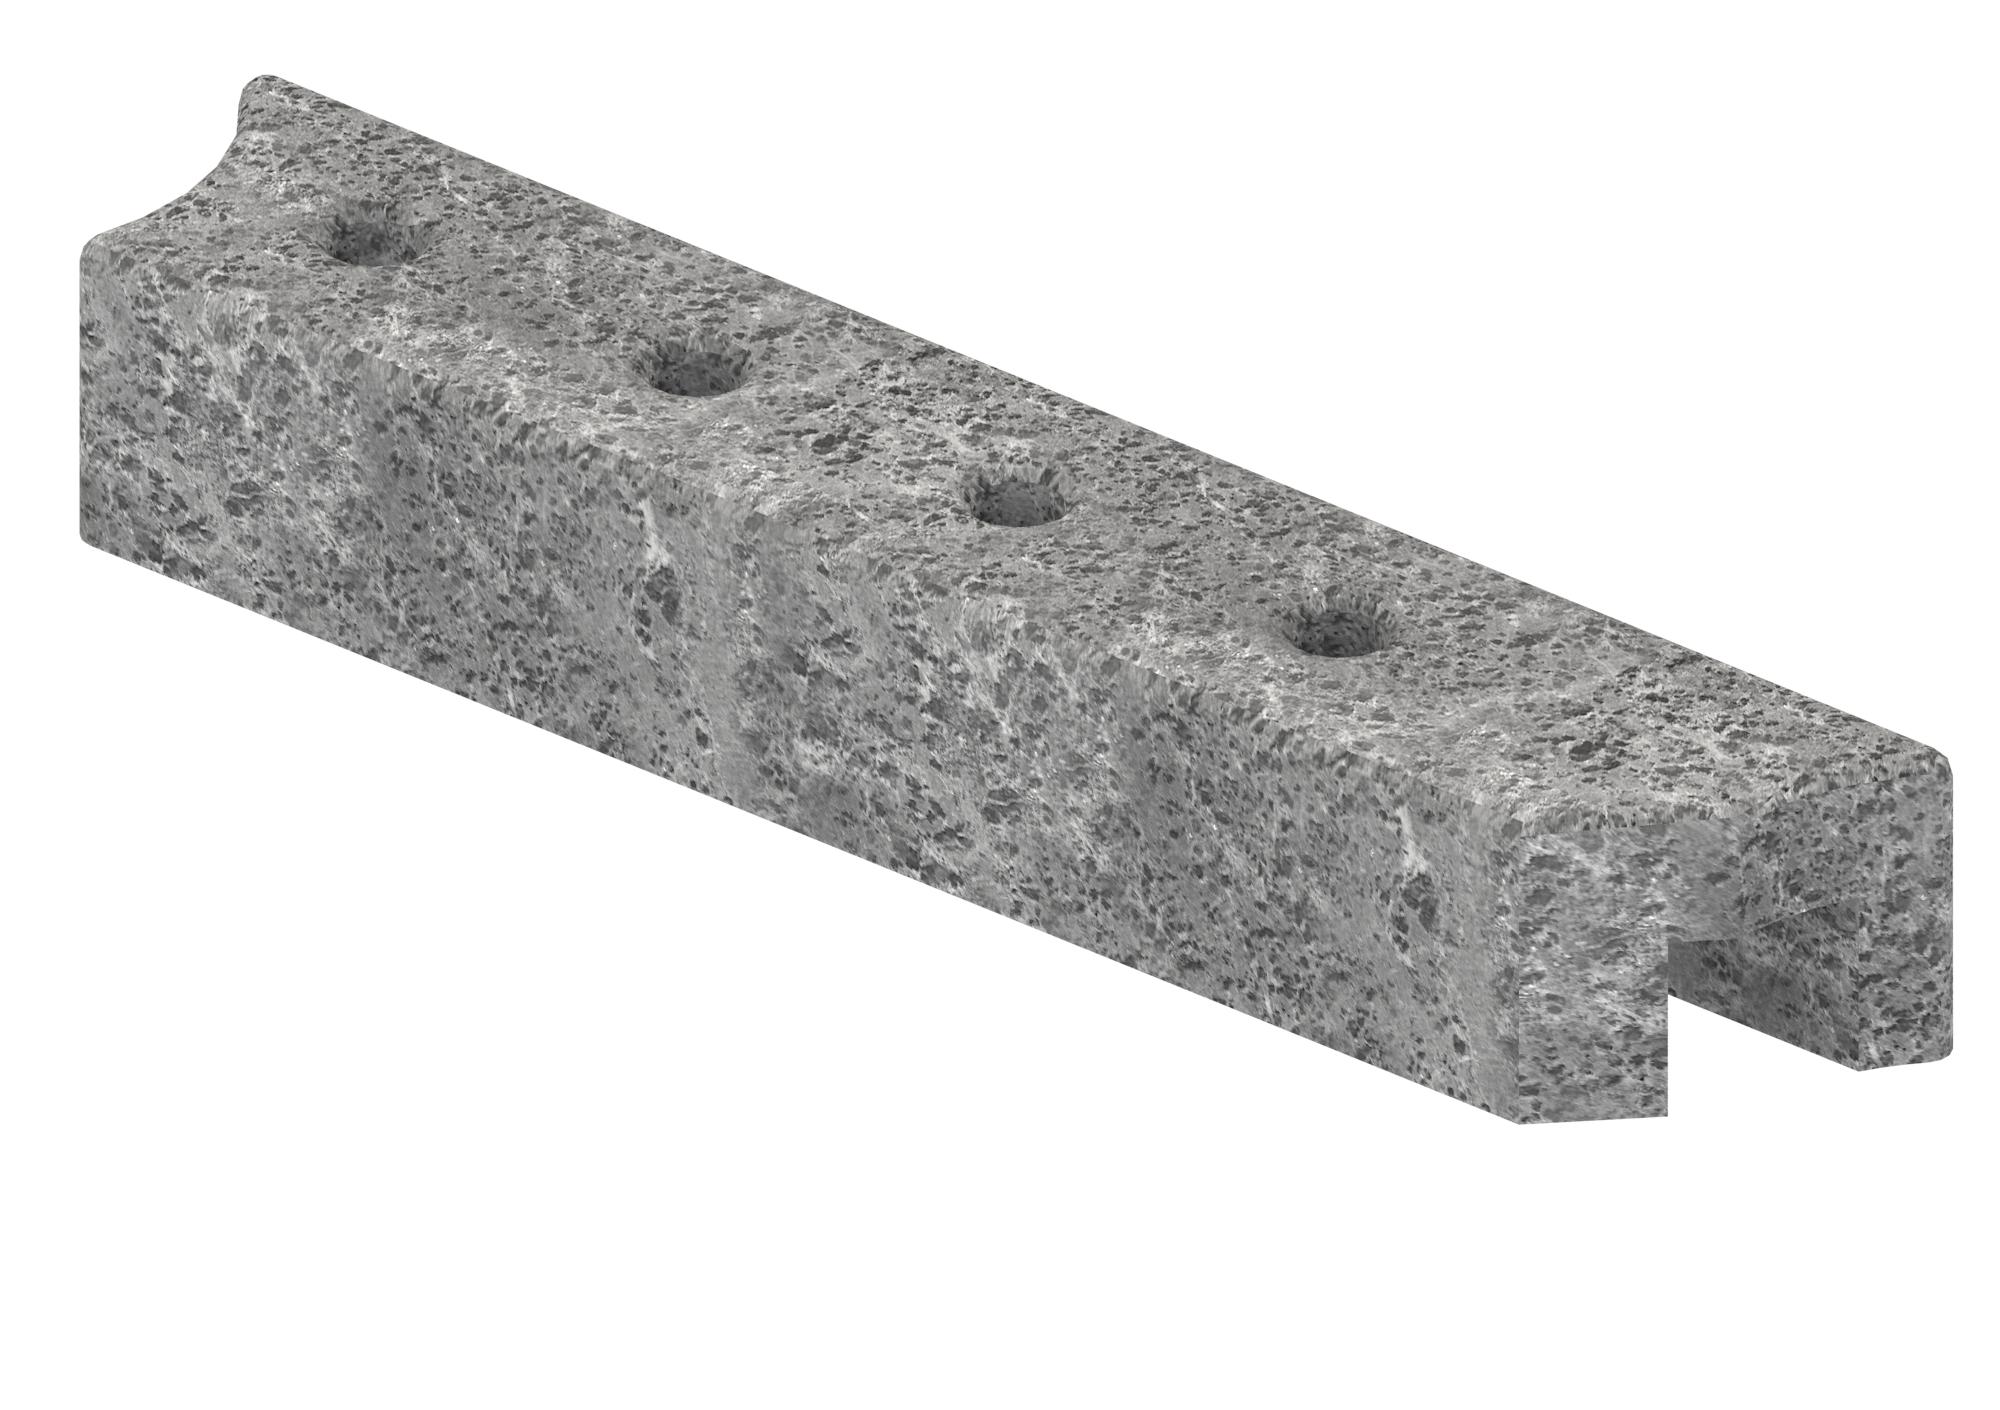 Фото - Талькохлоритные элементы: Верхний правый талькохлоритный элемент SAWO HP34-006 для печи NIMBUS COMBI (400х70х60) смартфон fly fs512 nimbus 10 black